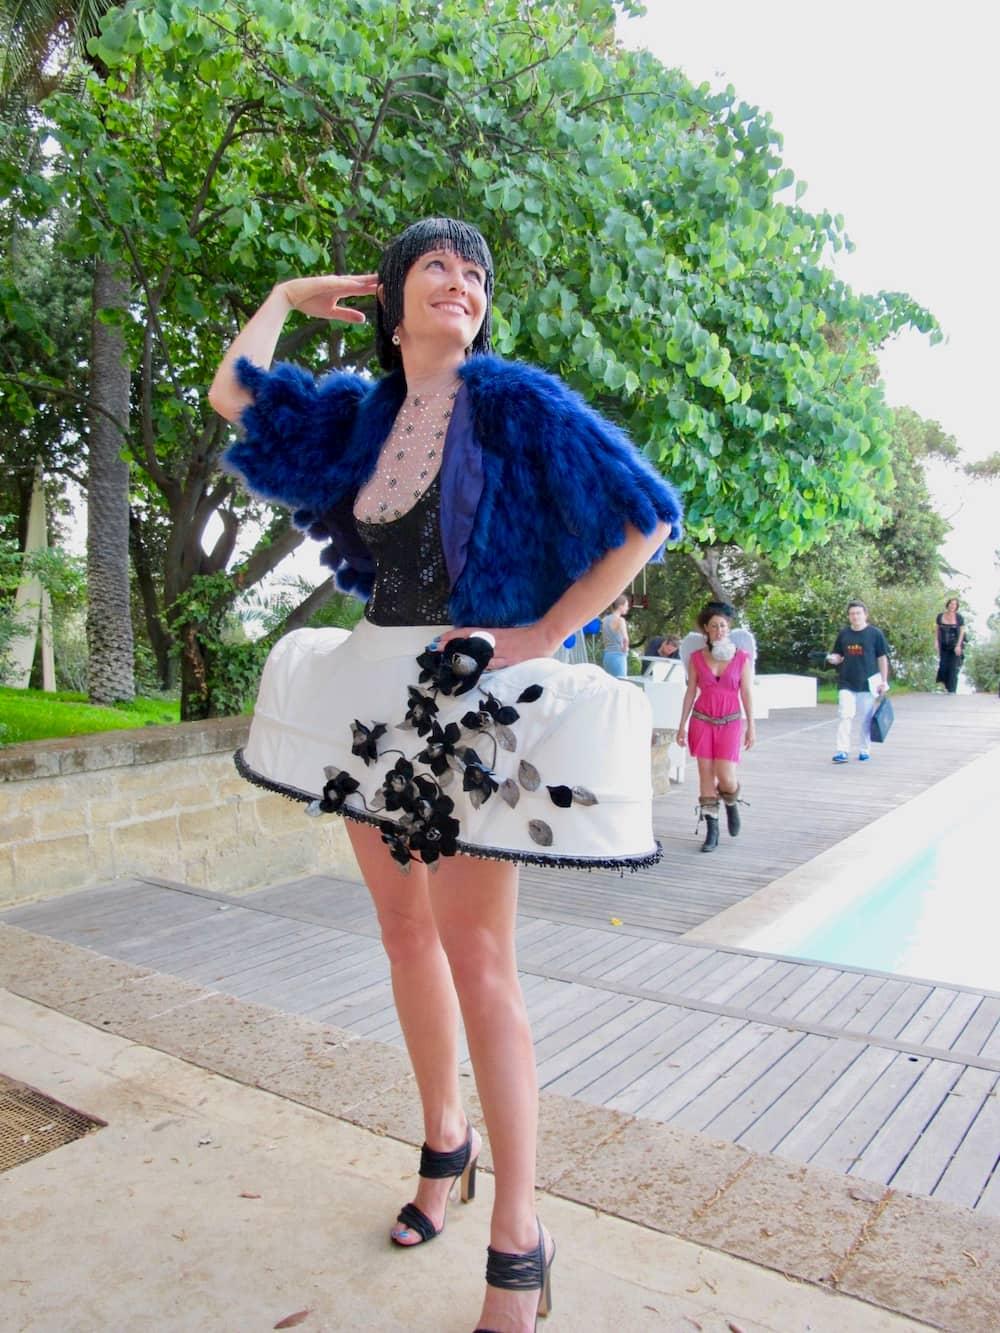 個性的な装いでプールサイドパーティに参加する女性(ナポリ)